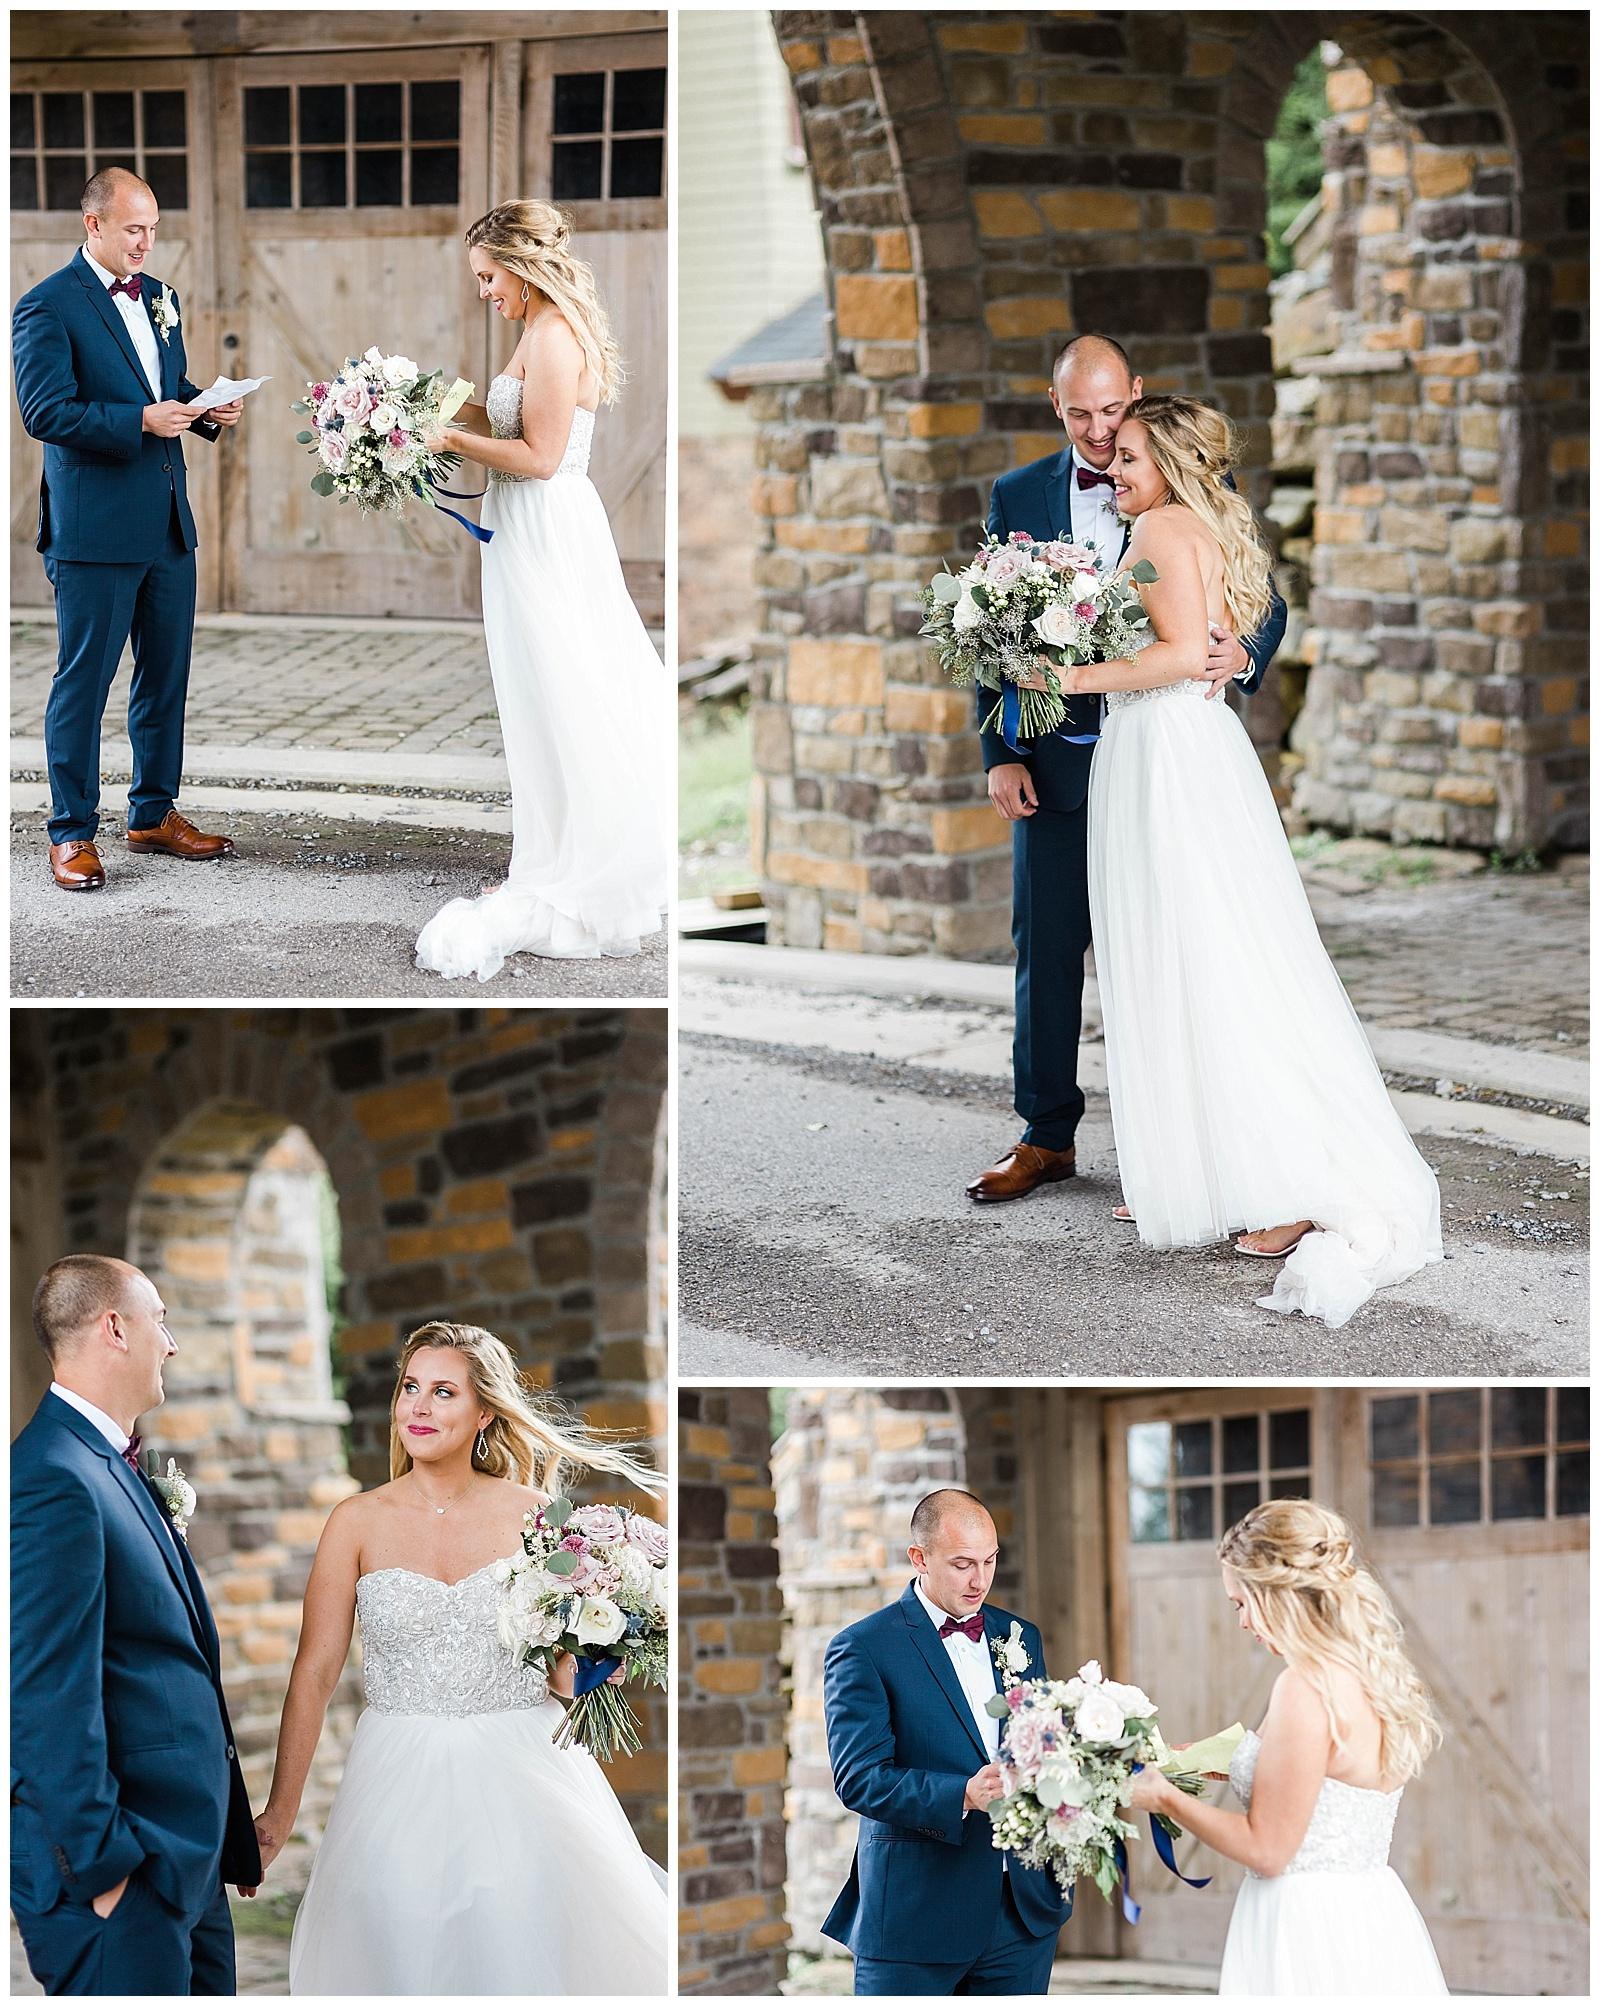 Saiko_Kara_Blakeman_Photography_Snowshoe_Wedding_Wv_first_look_2018_7